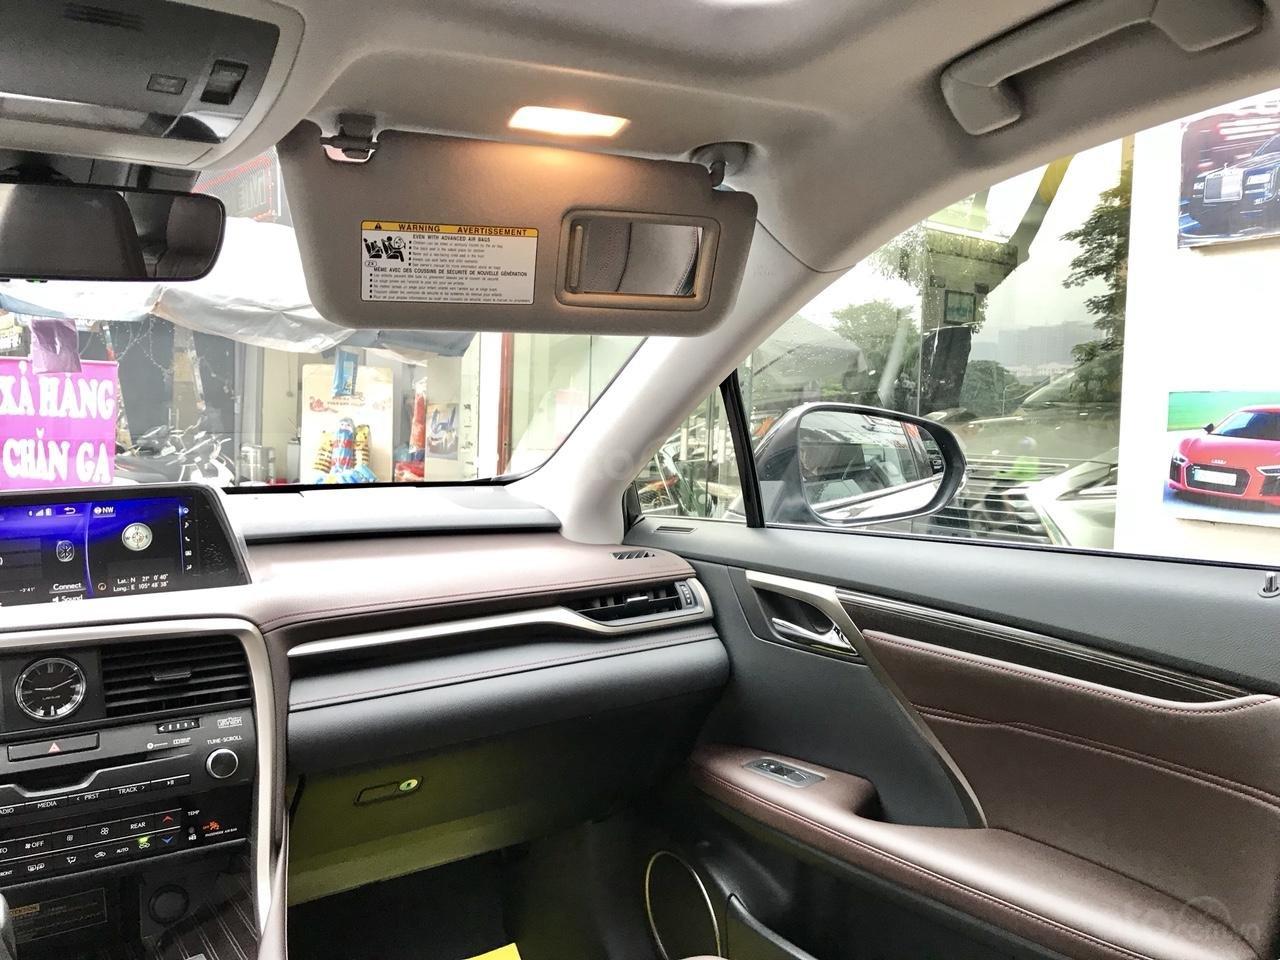 Bán Lexus RX 350L 6 chỗ đời 2019, xe nhập Mỹ, giá tốt, giao ngay, LH 094.539.2468 Ms Hương (9)